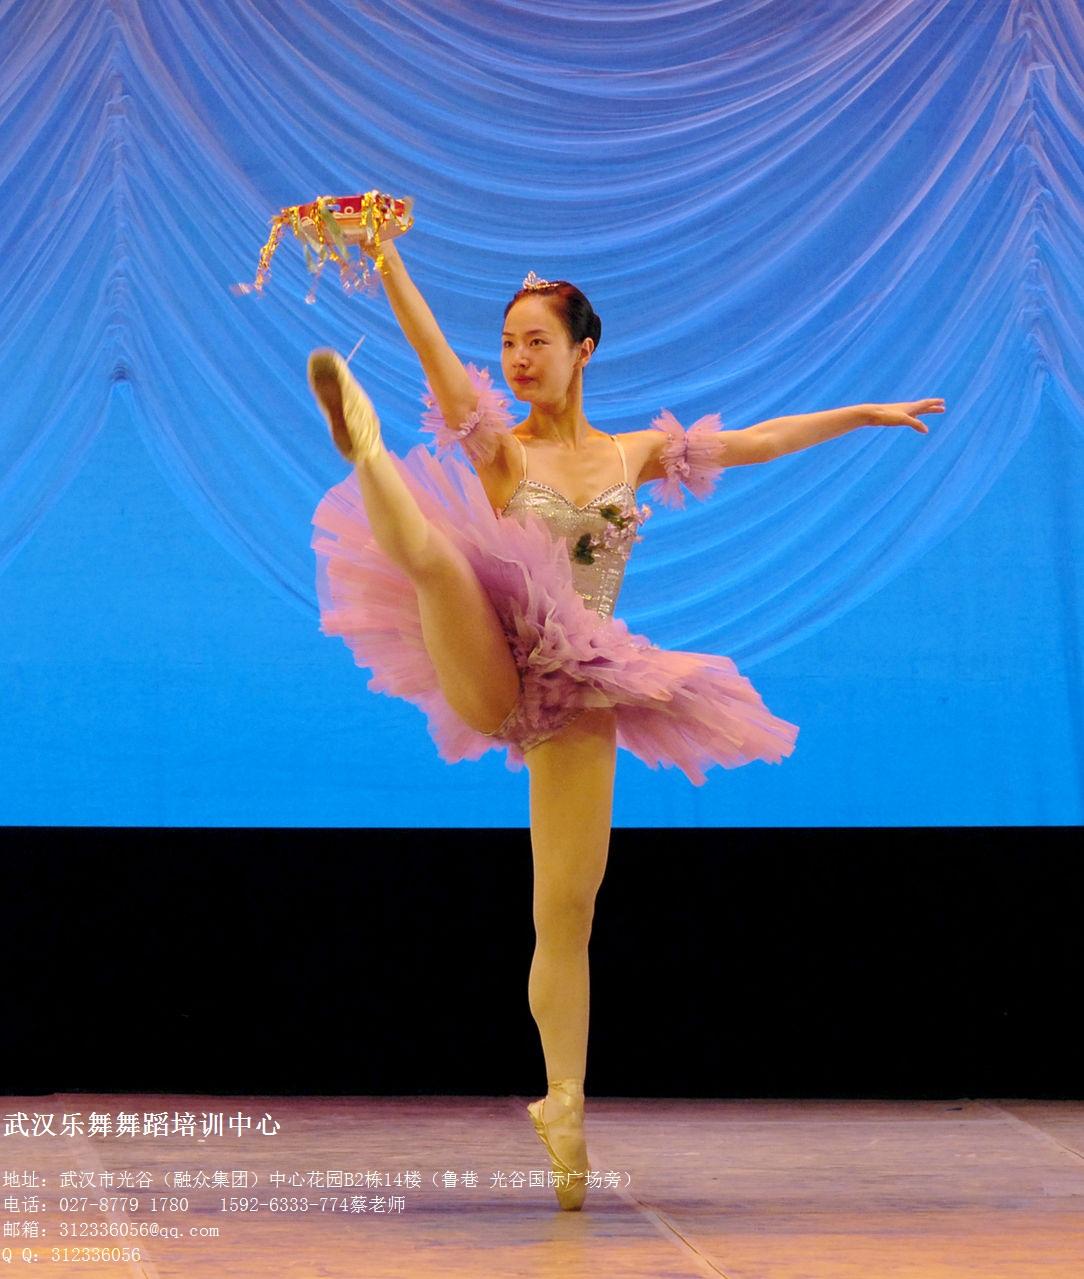 简单舞蹈教学_我想要三分钟左右的舞蹈视频简单容易学的